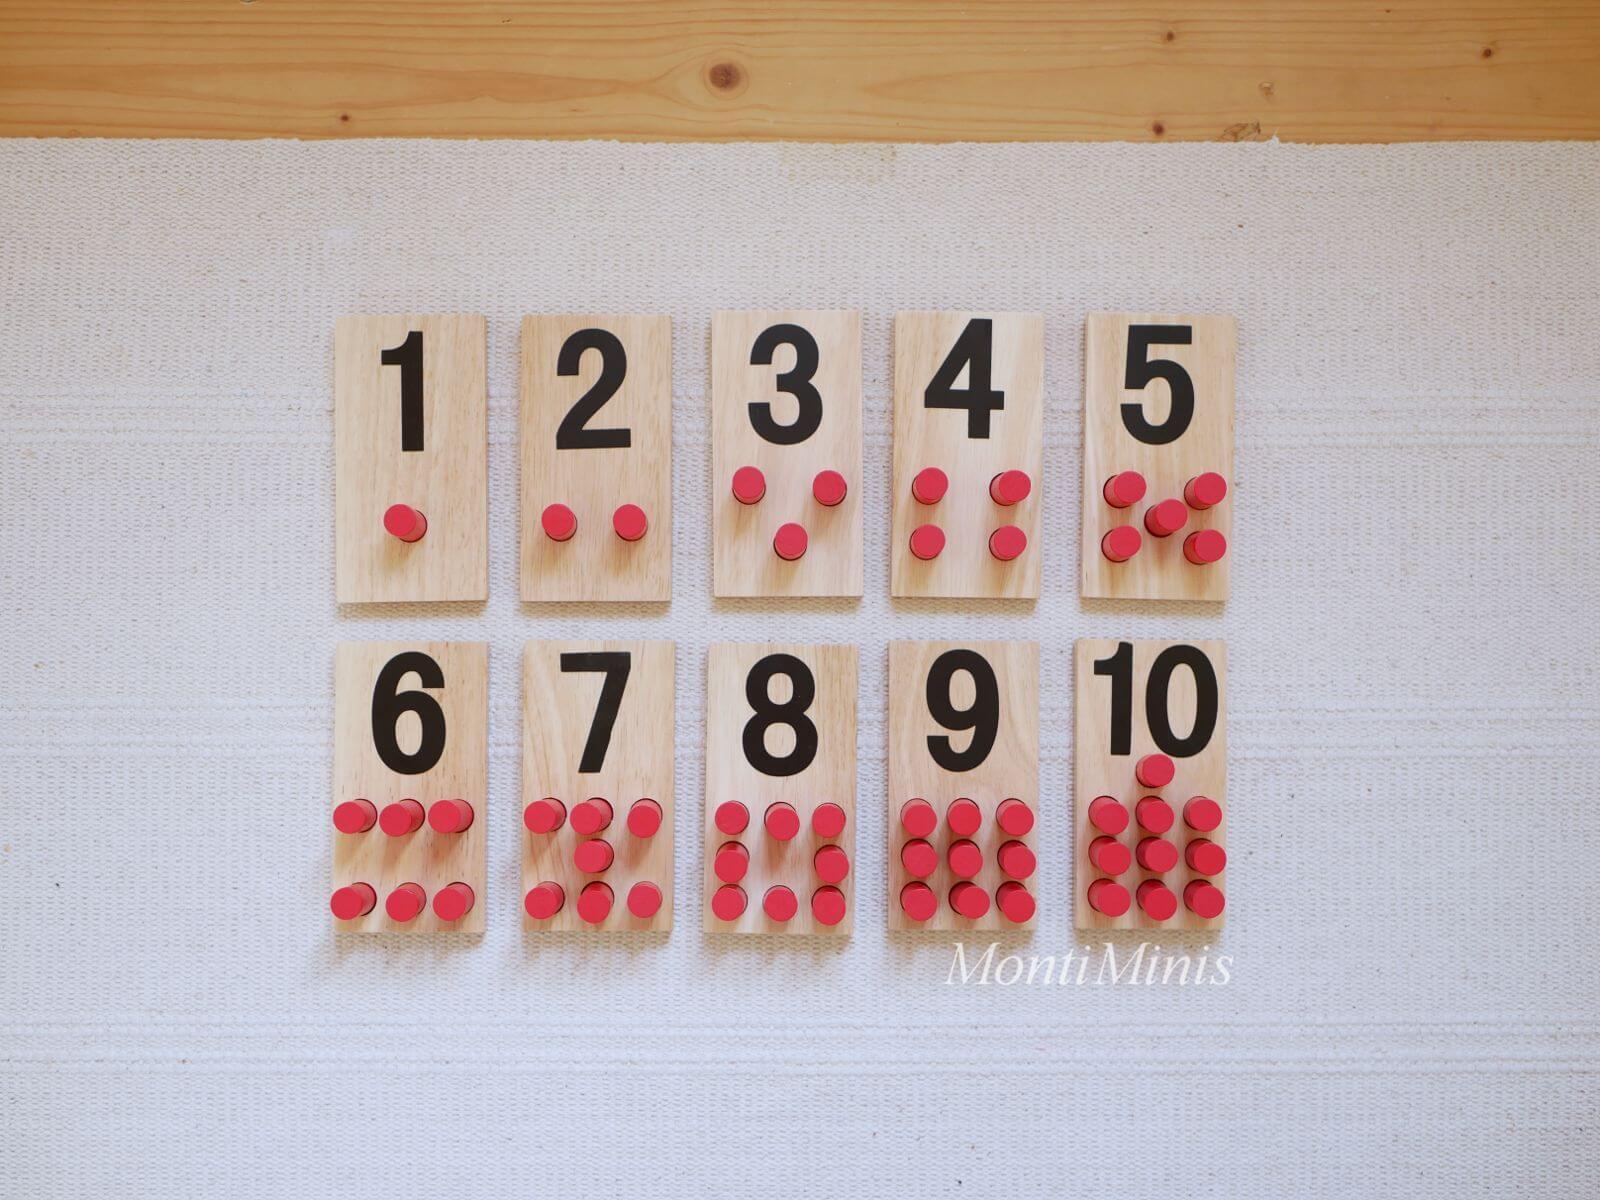 Mathematik-Aktionstablett: Zahlenstecktafeln-aus-Holz-Mathe-Spielideen-Spielerisch lernen, Montessori Zuhause, Unterrichtsmaterial, Kindergarten, Vorschule & Grundschule-montiminis.com